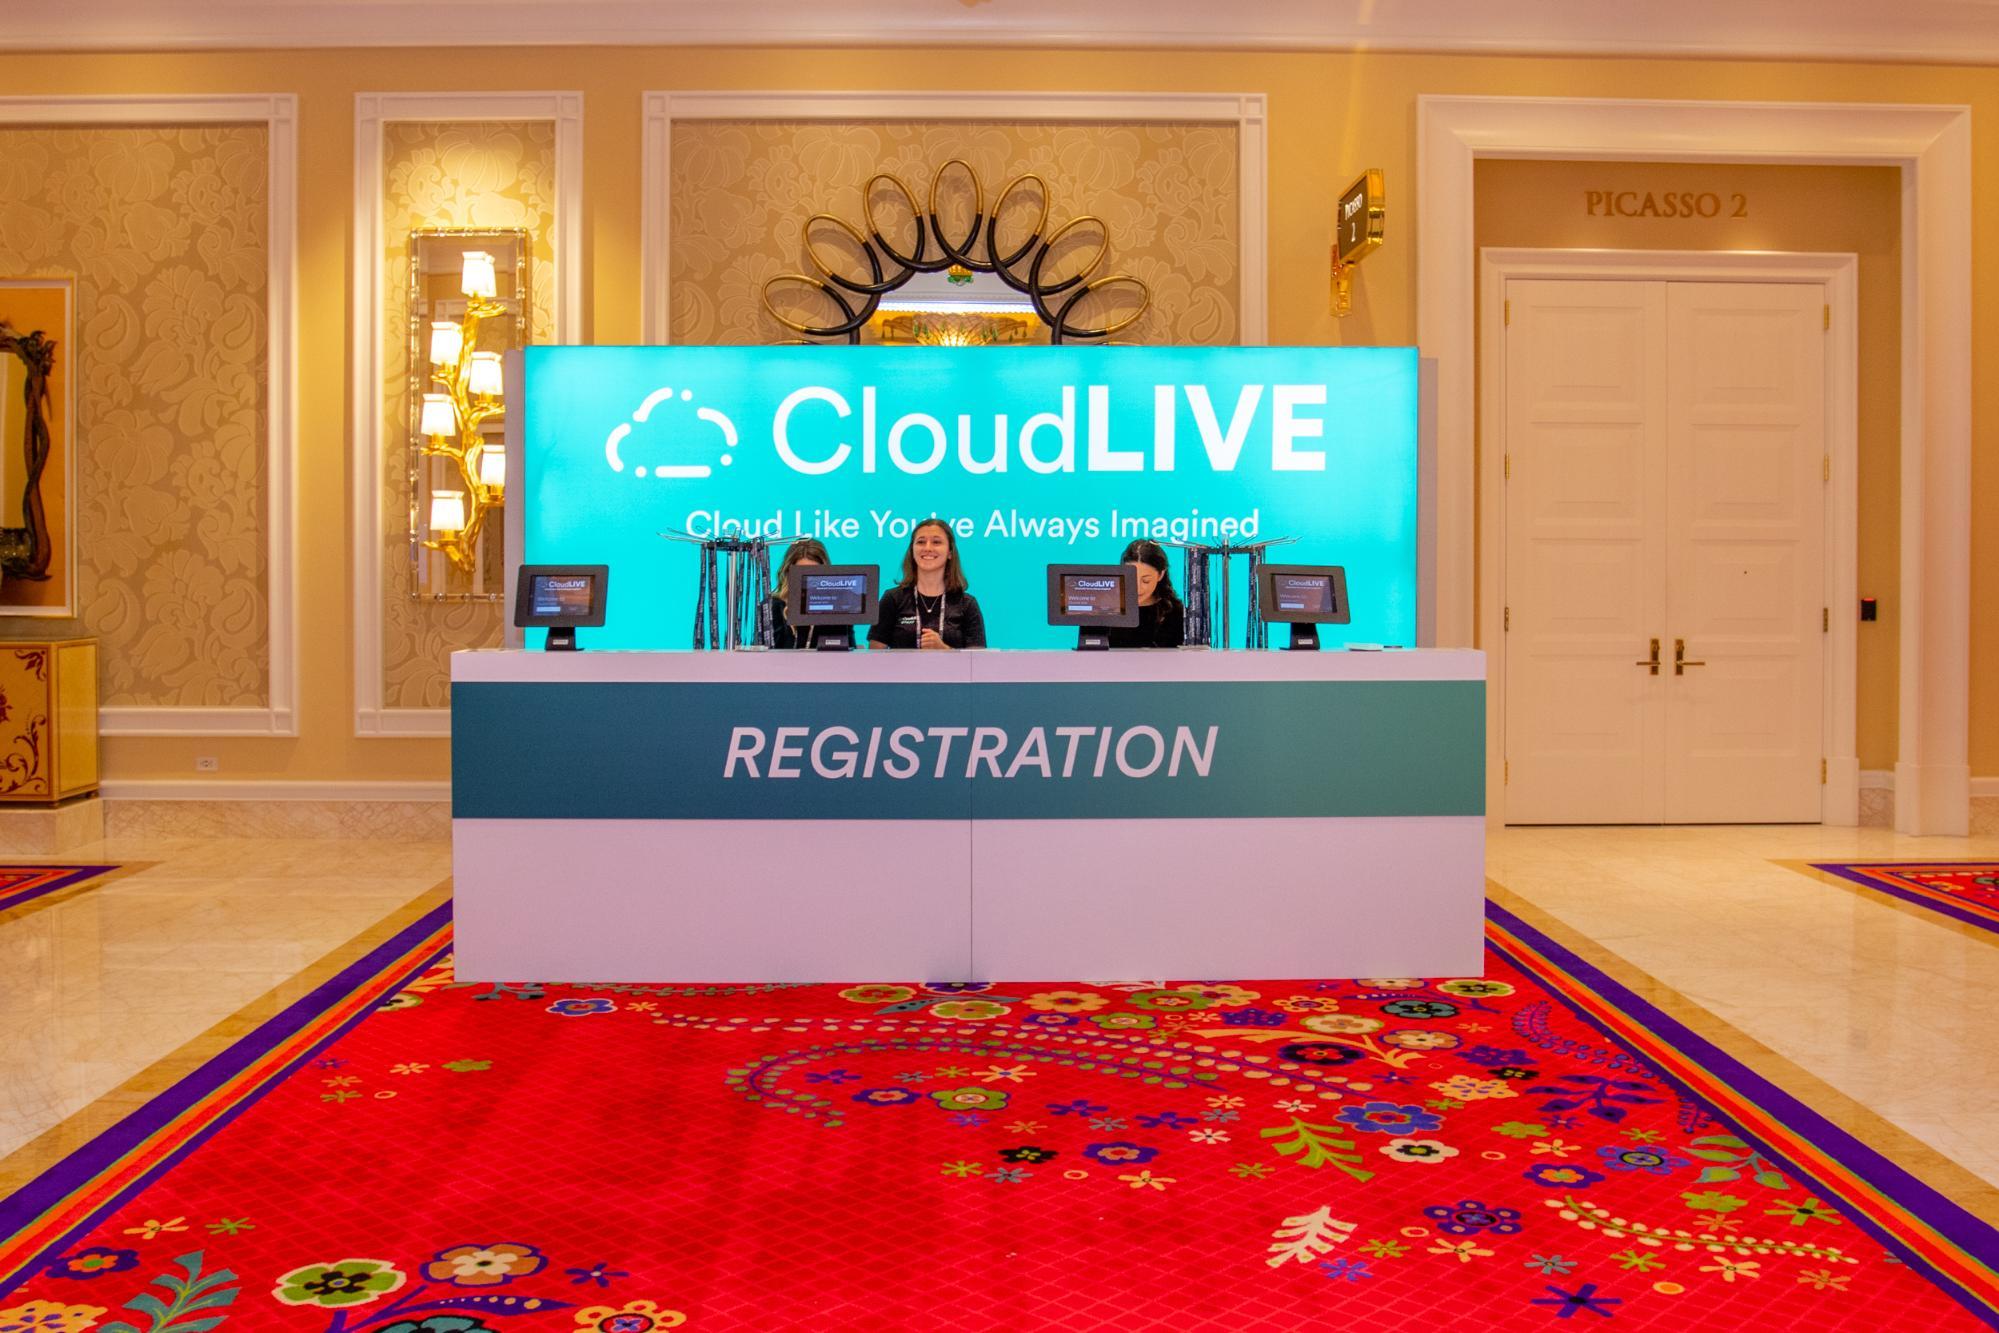 CloudLIVE registration desk